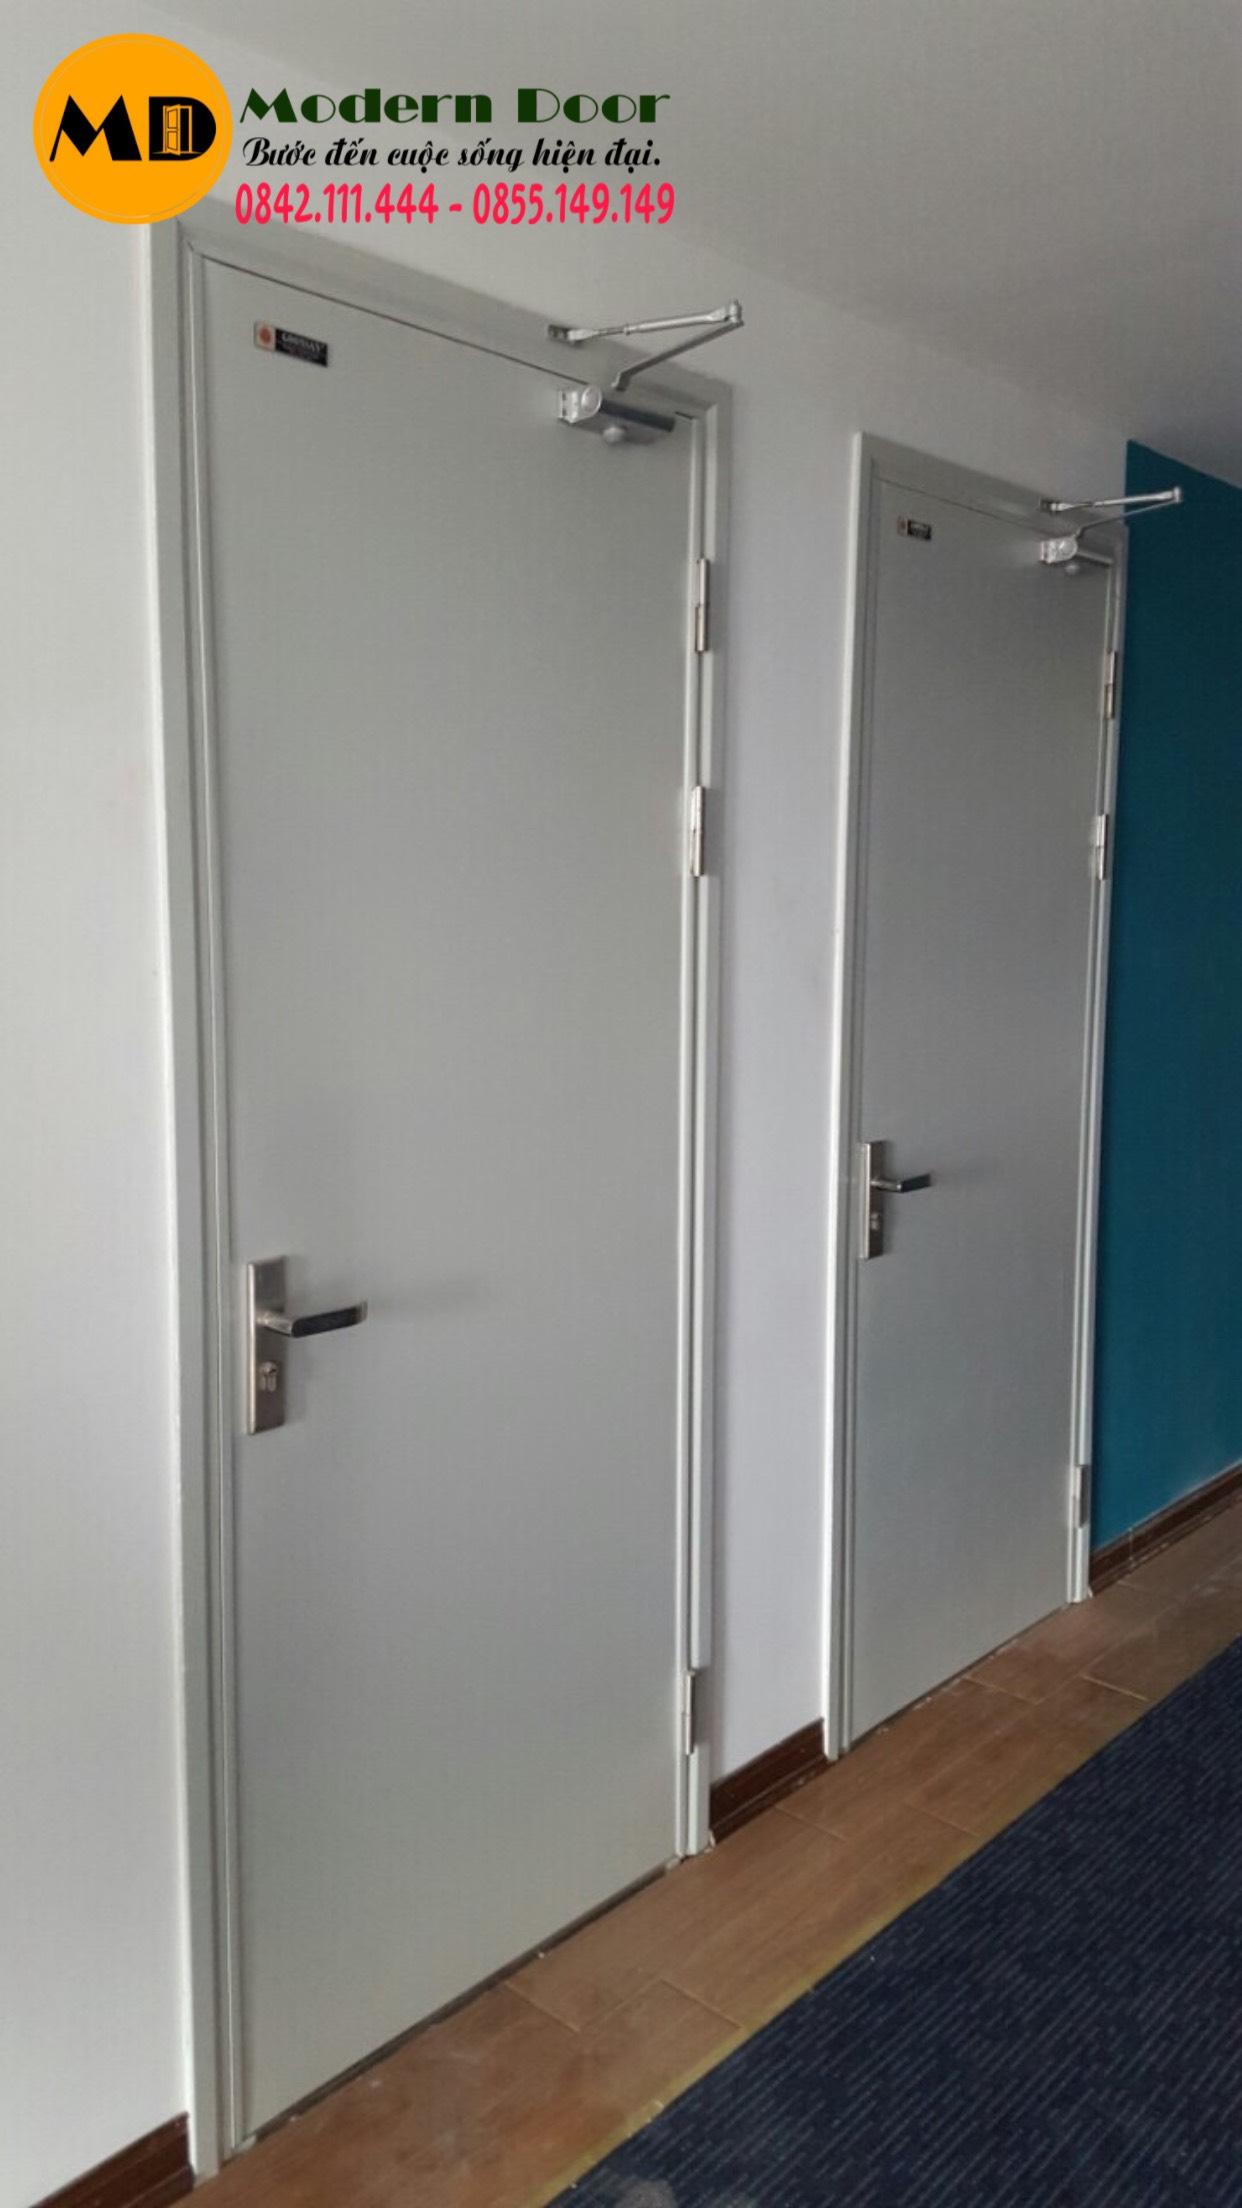 ứng dụng của cửa chống cháy